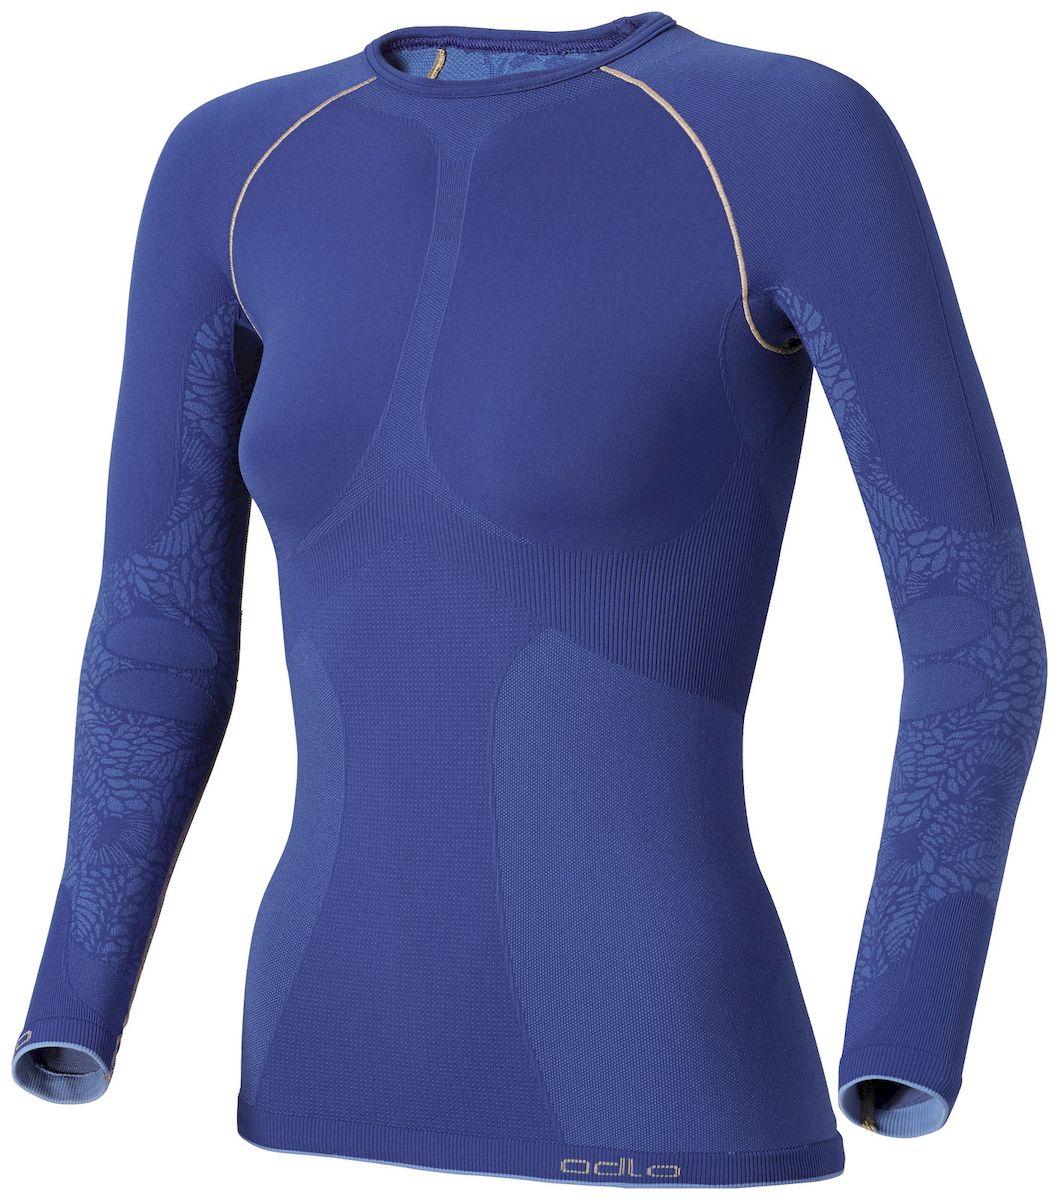 180671Женская футболка с длинным рукавом для активного отдыха и занятий спортом на природе в зимнее время года. Изнаночной слой футболки из флиса с начесом для поддержки оптимального температурного баланса. Наличие функциональных вставок обеспечивает воздухопроницаемость, а ионы серебра, входящие в состав волокон, предотвращают появление запаха пота. Благодаря высокой эластичности футболка не сковывает движений и создает ощущение мягкости на теле. Для дополнительного комфорта нижняя кромка футболки плоская.